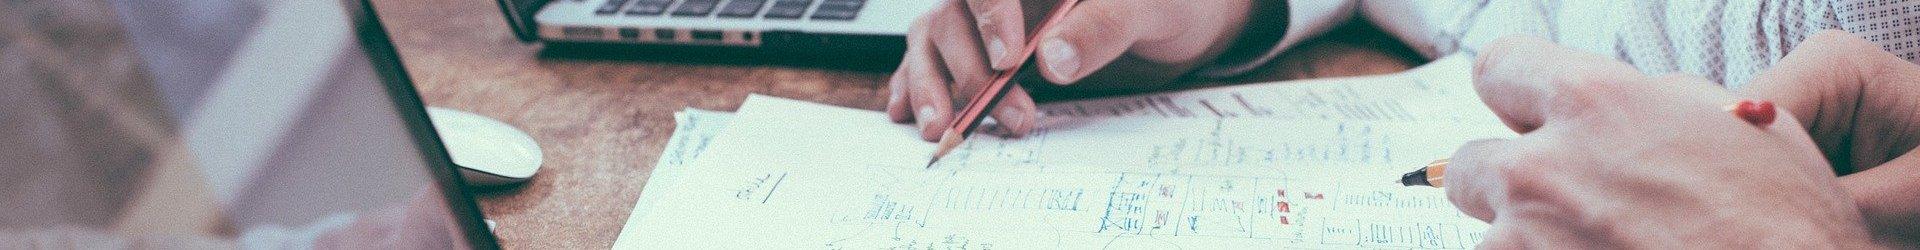 Pożyczka płynnościowa woj. podkarpackie (pożyczka dla MŚP)